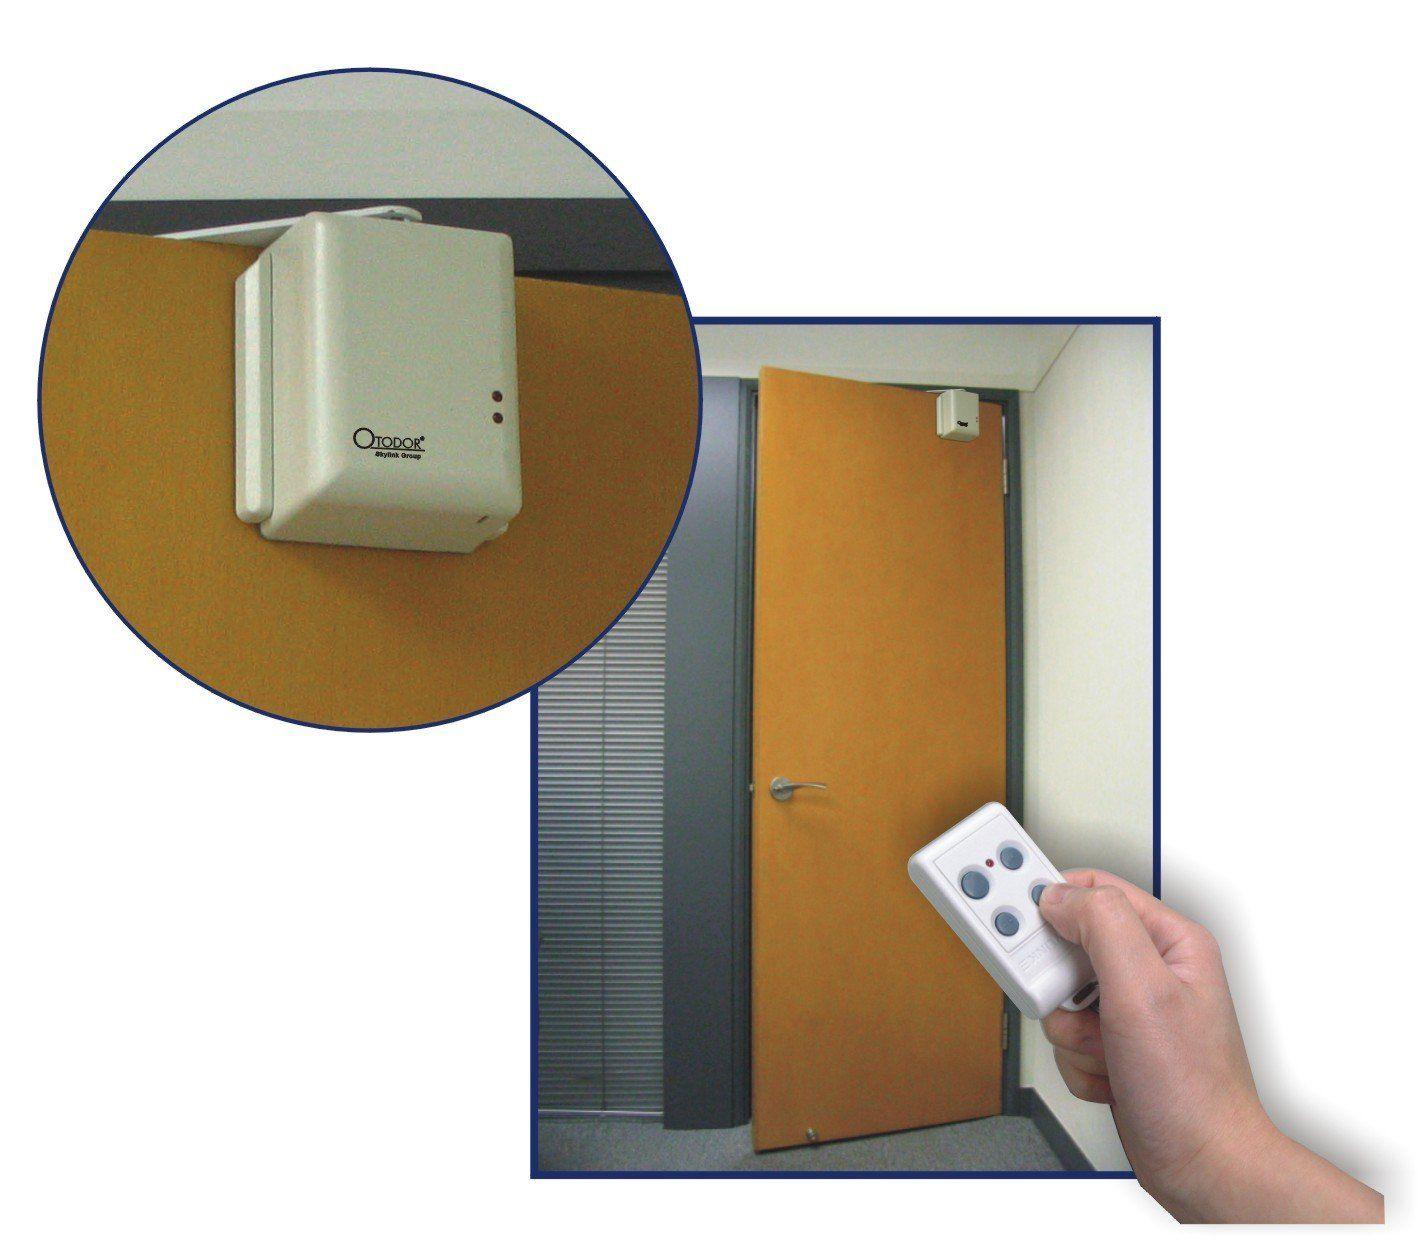 Door Opener & Genie SilentMax 750 3/4 HP Belt Drive Garage ...